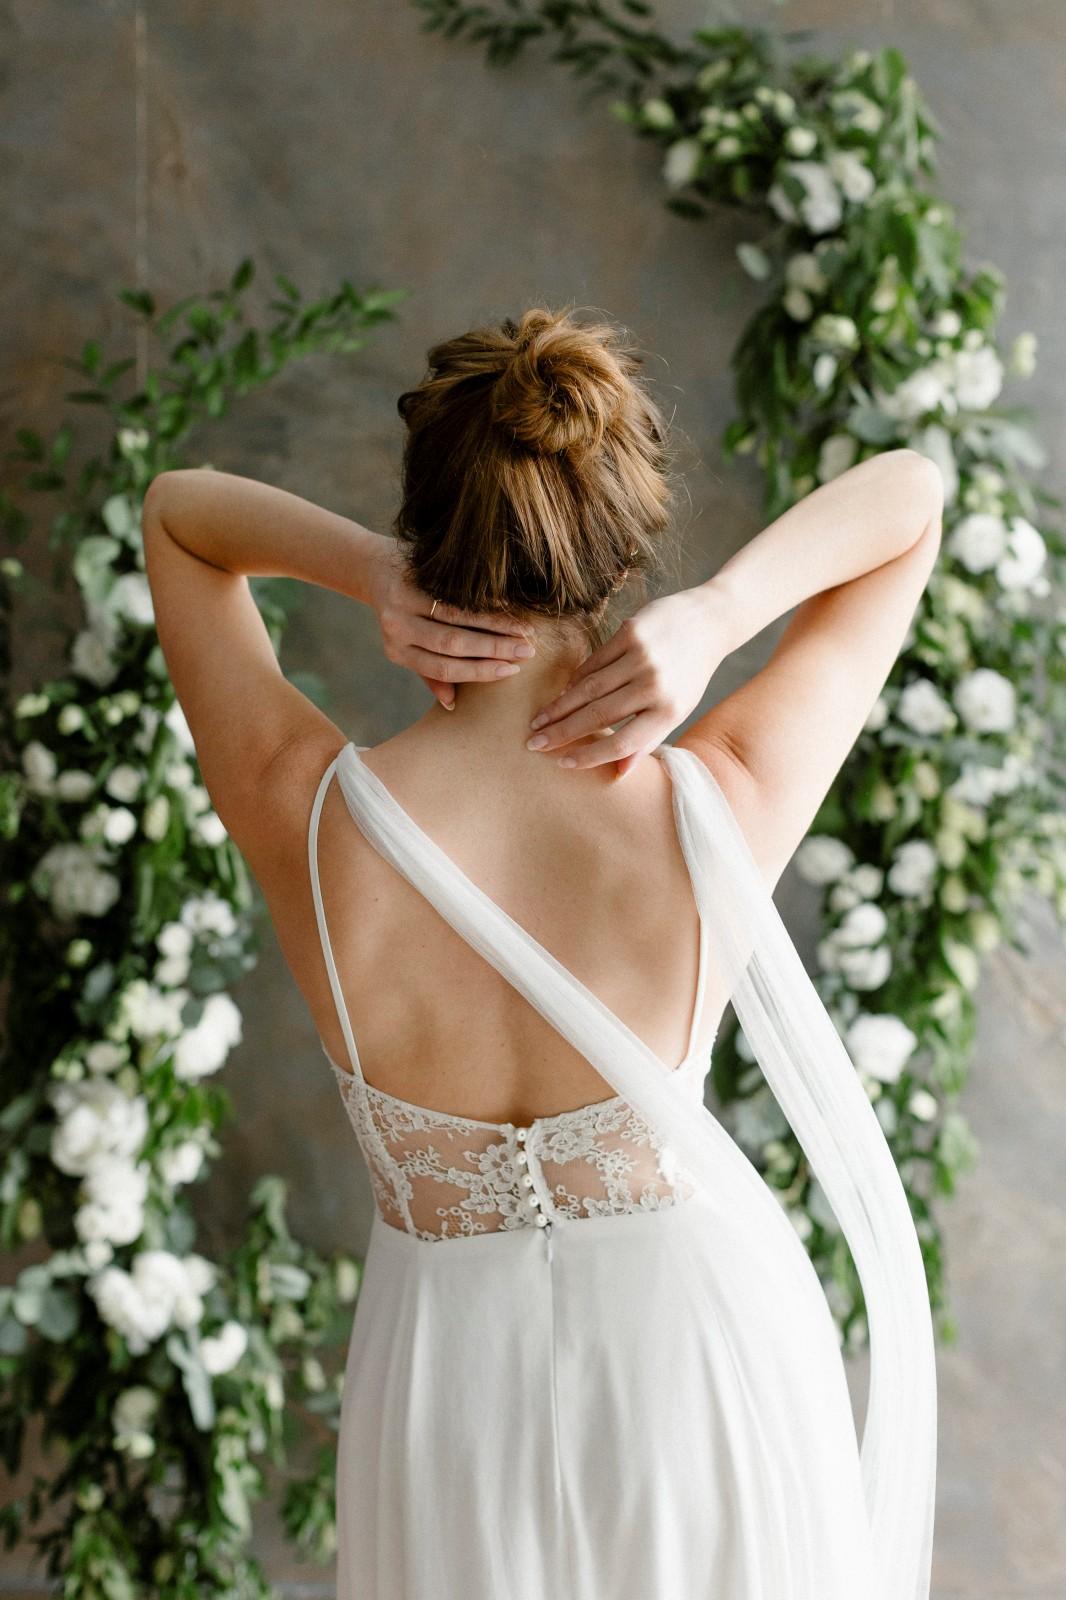 Robe de mariée fabriqué avec des chutes.